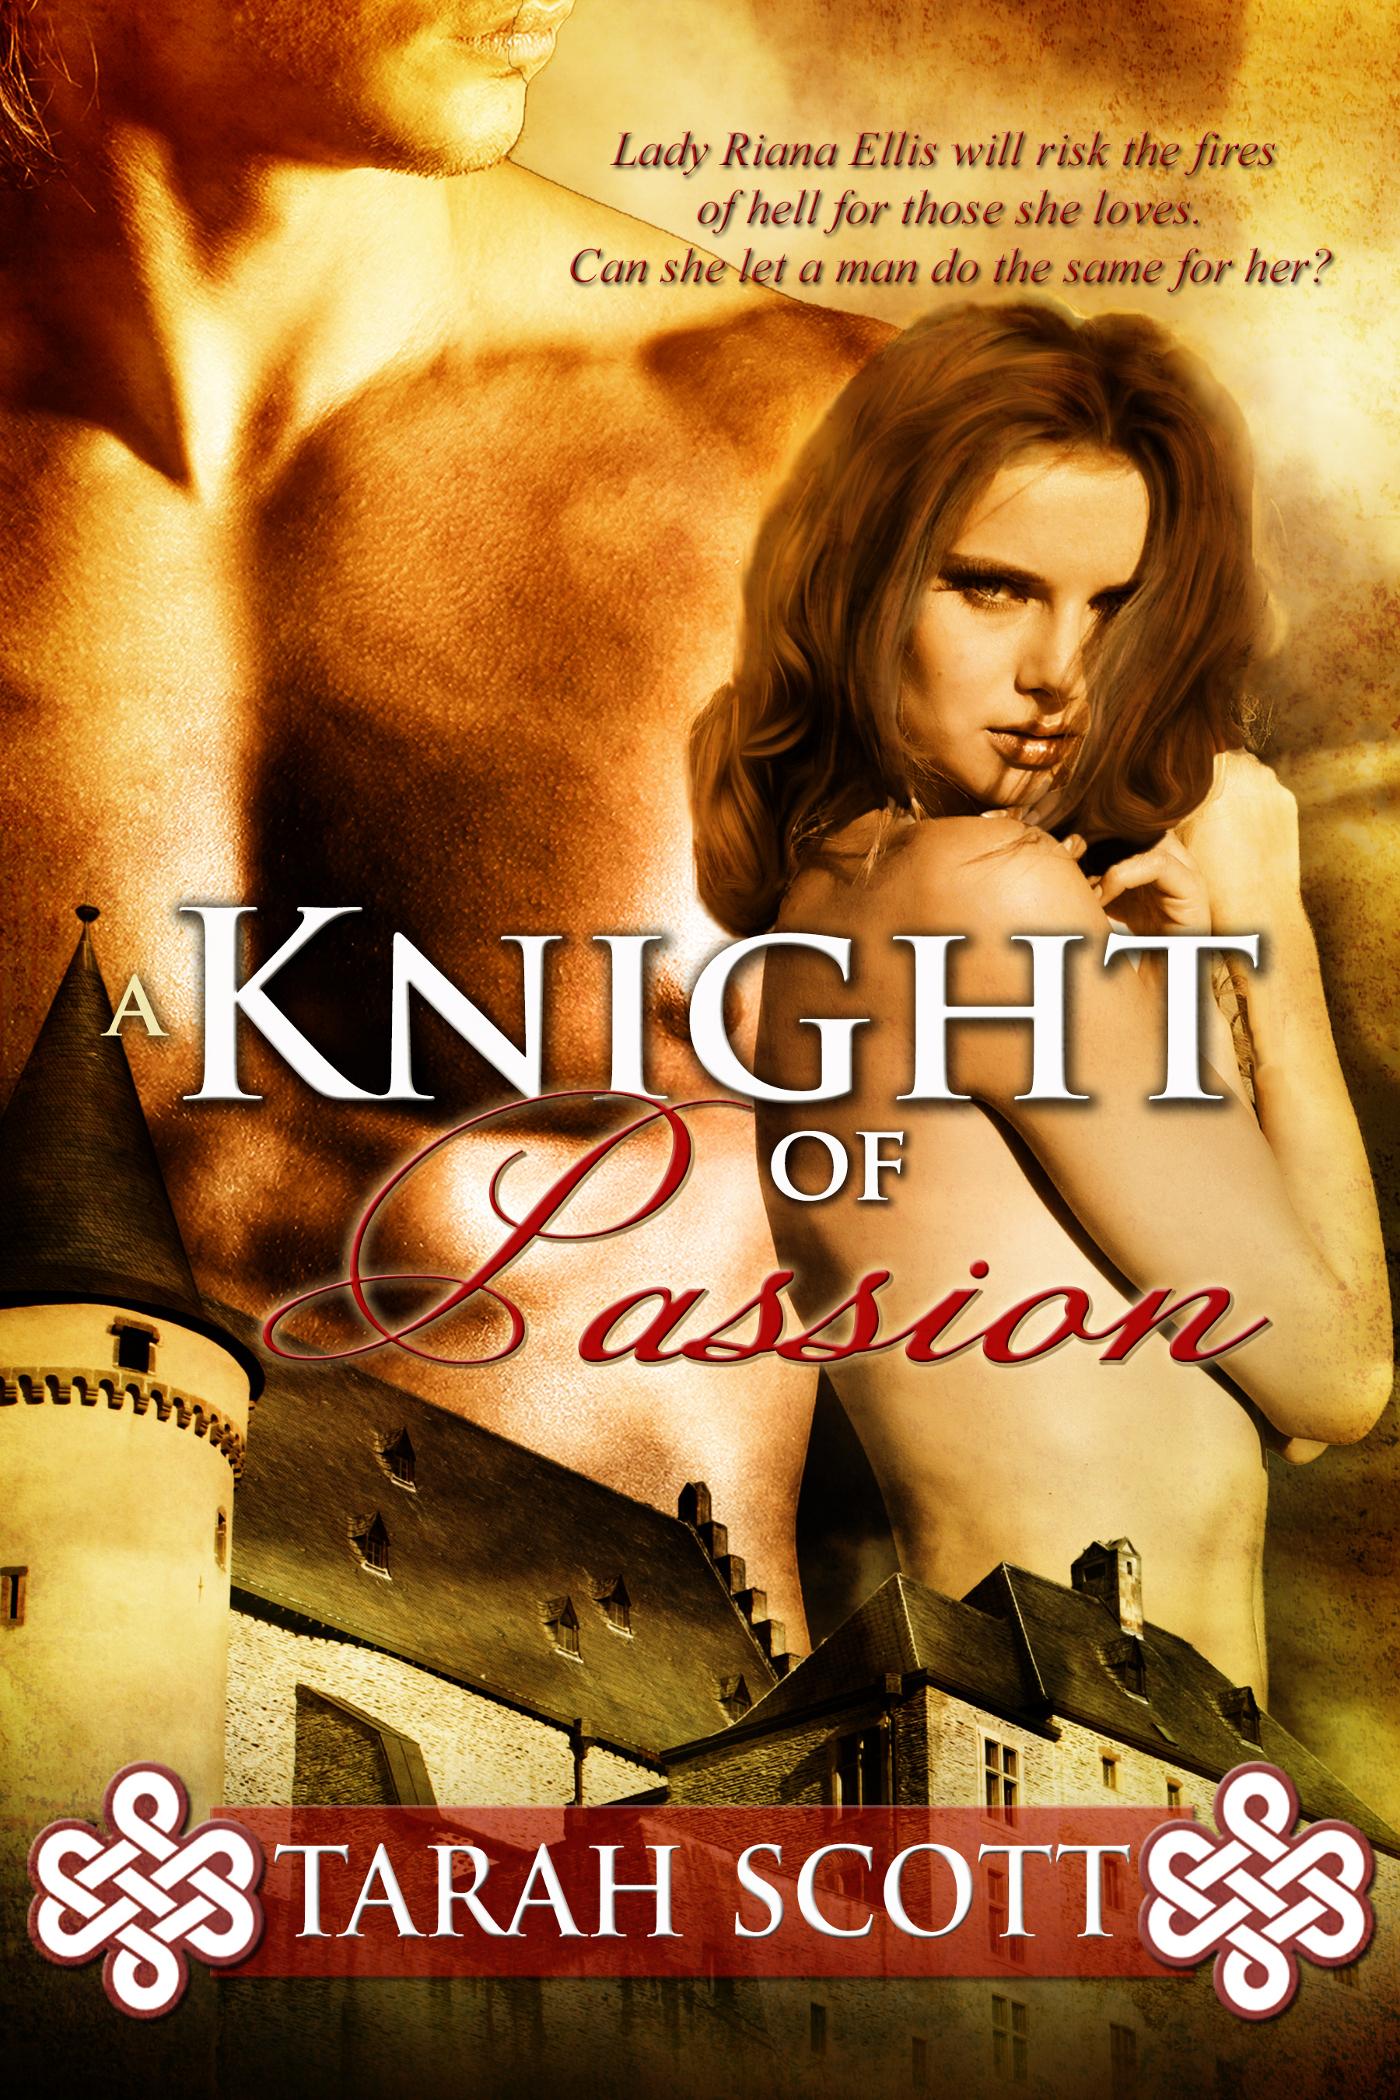 Tarah Scott - A Knight of Passion